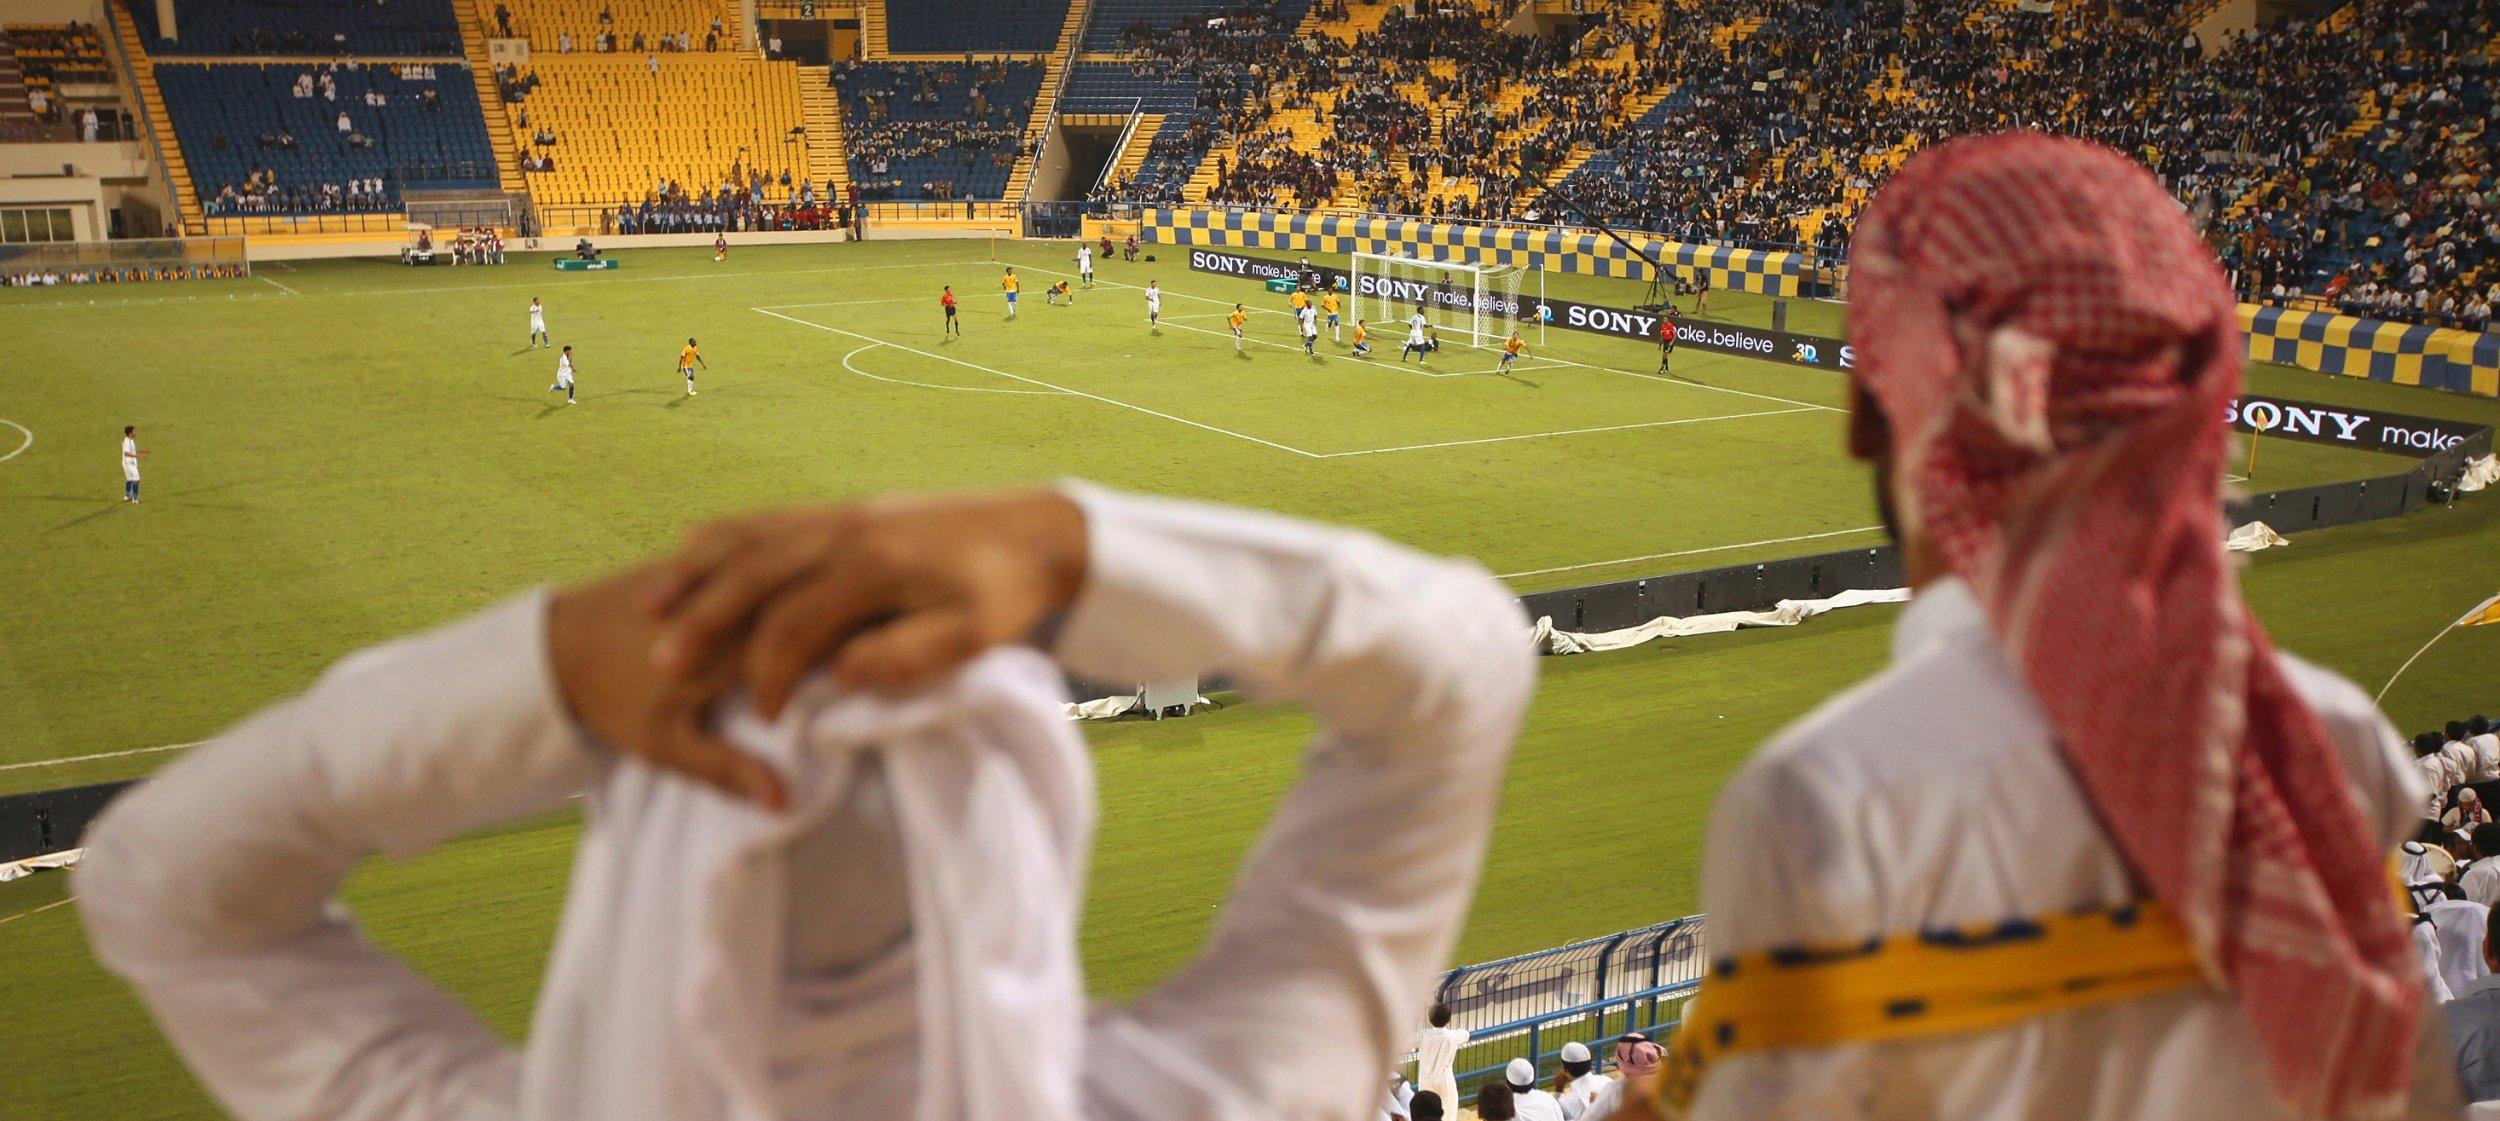 12-6-2013_FE0244_Qatar